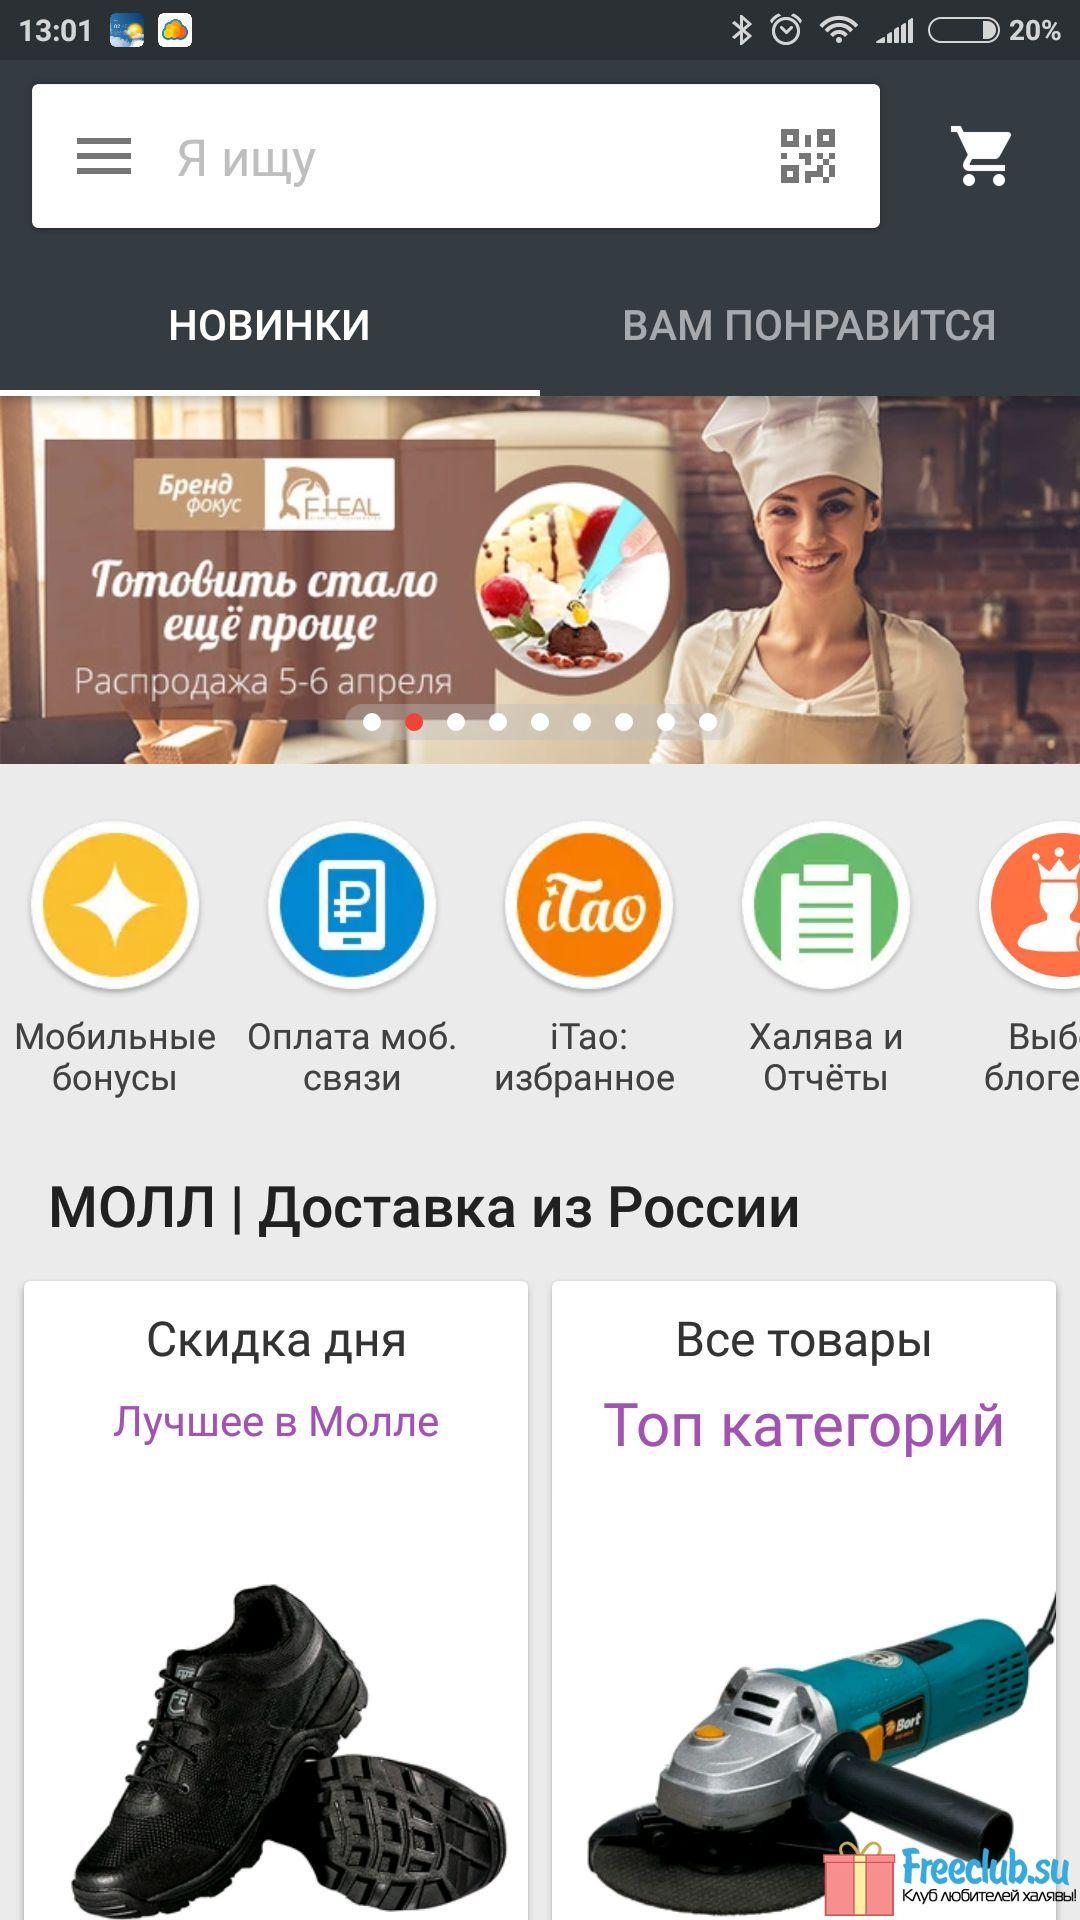 официальные сайты халяв